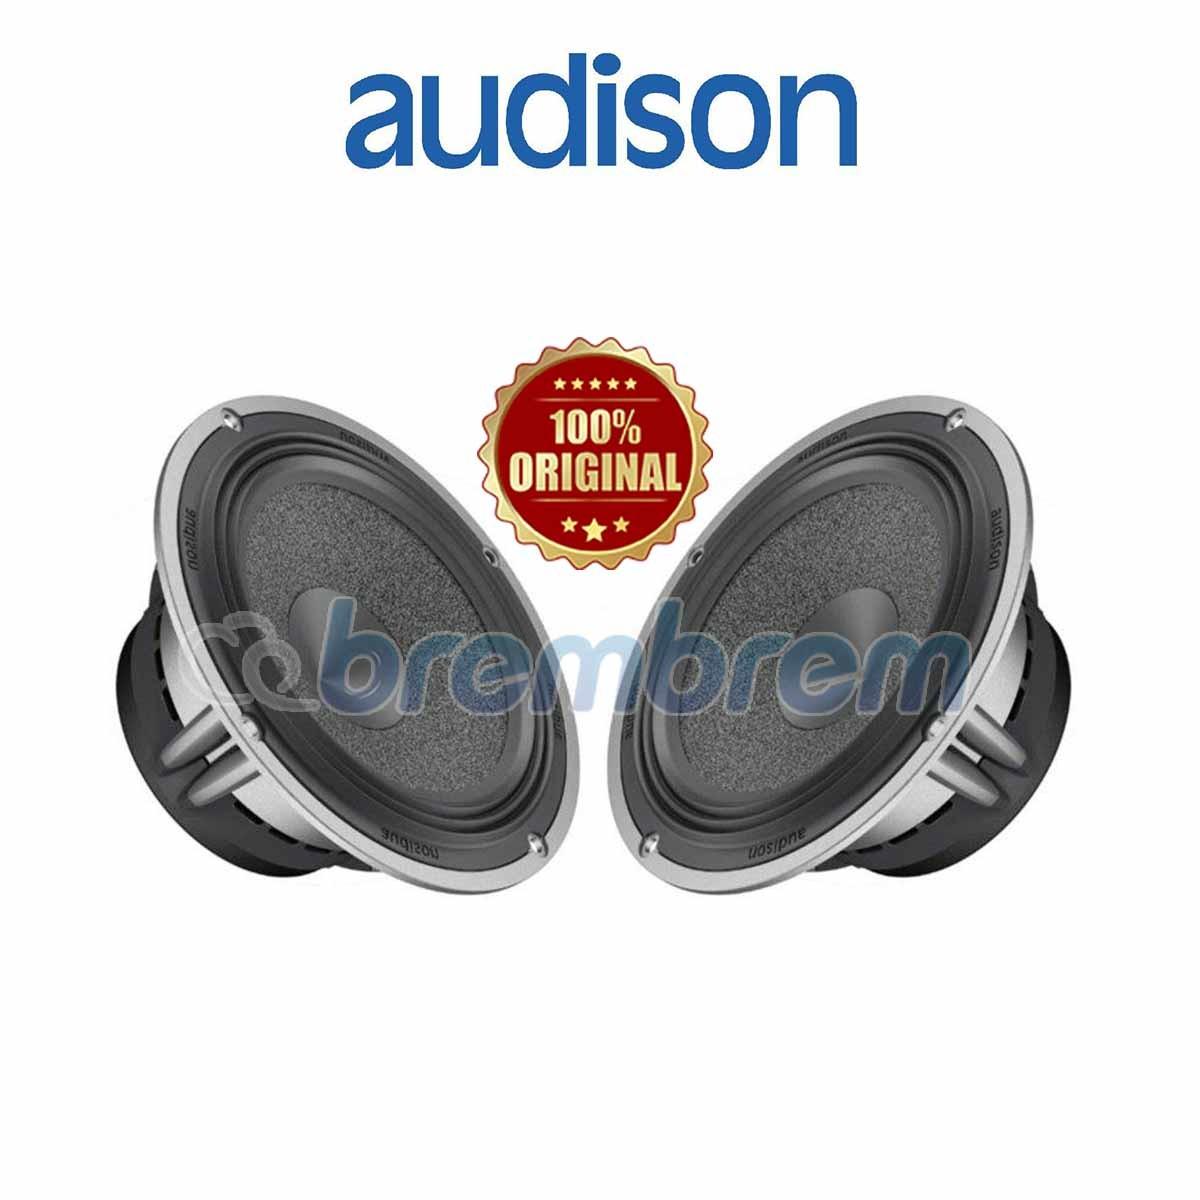 AUDISON AV 6.5 MIDWOOFER 6.5 INCH